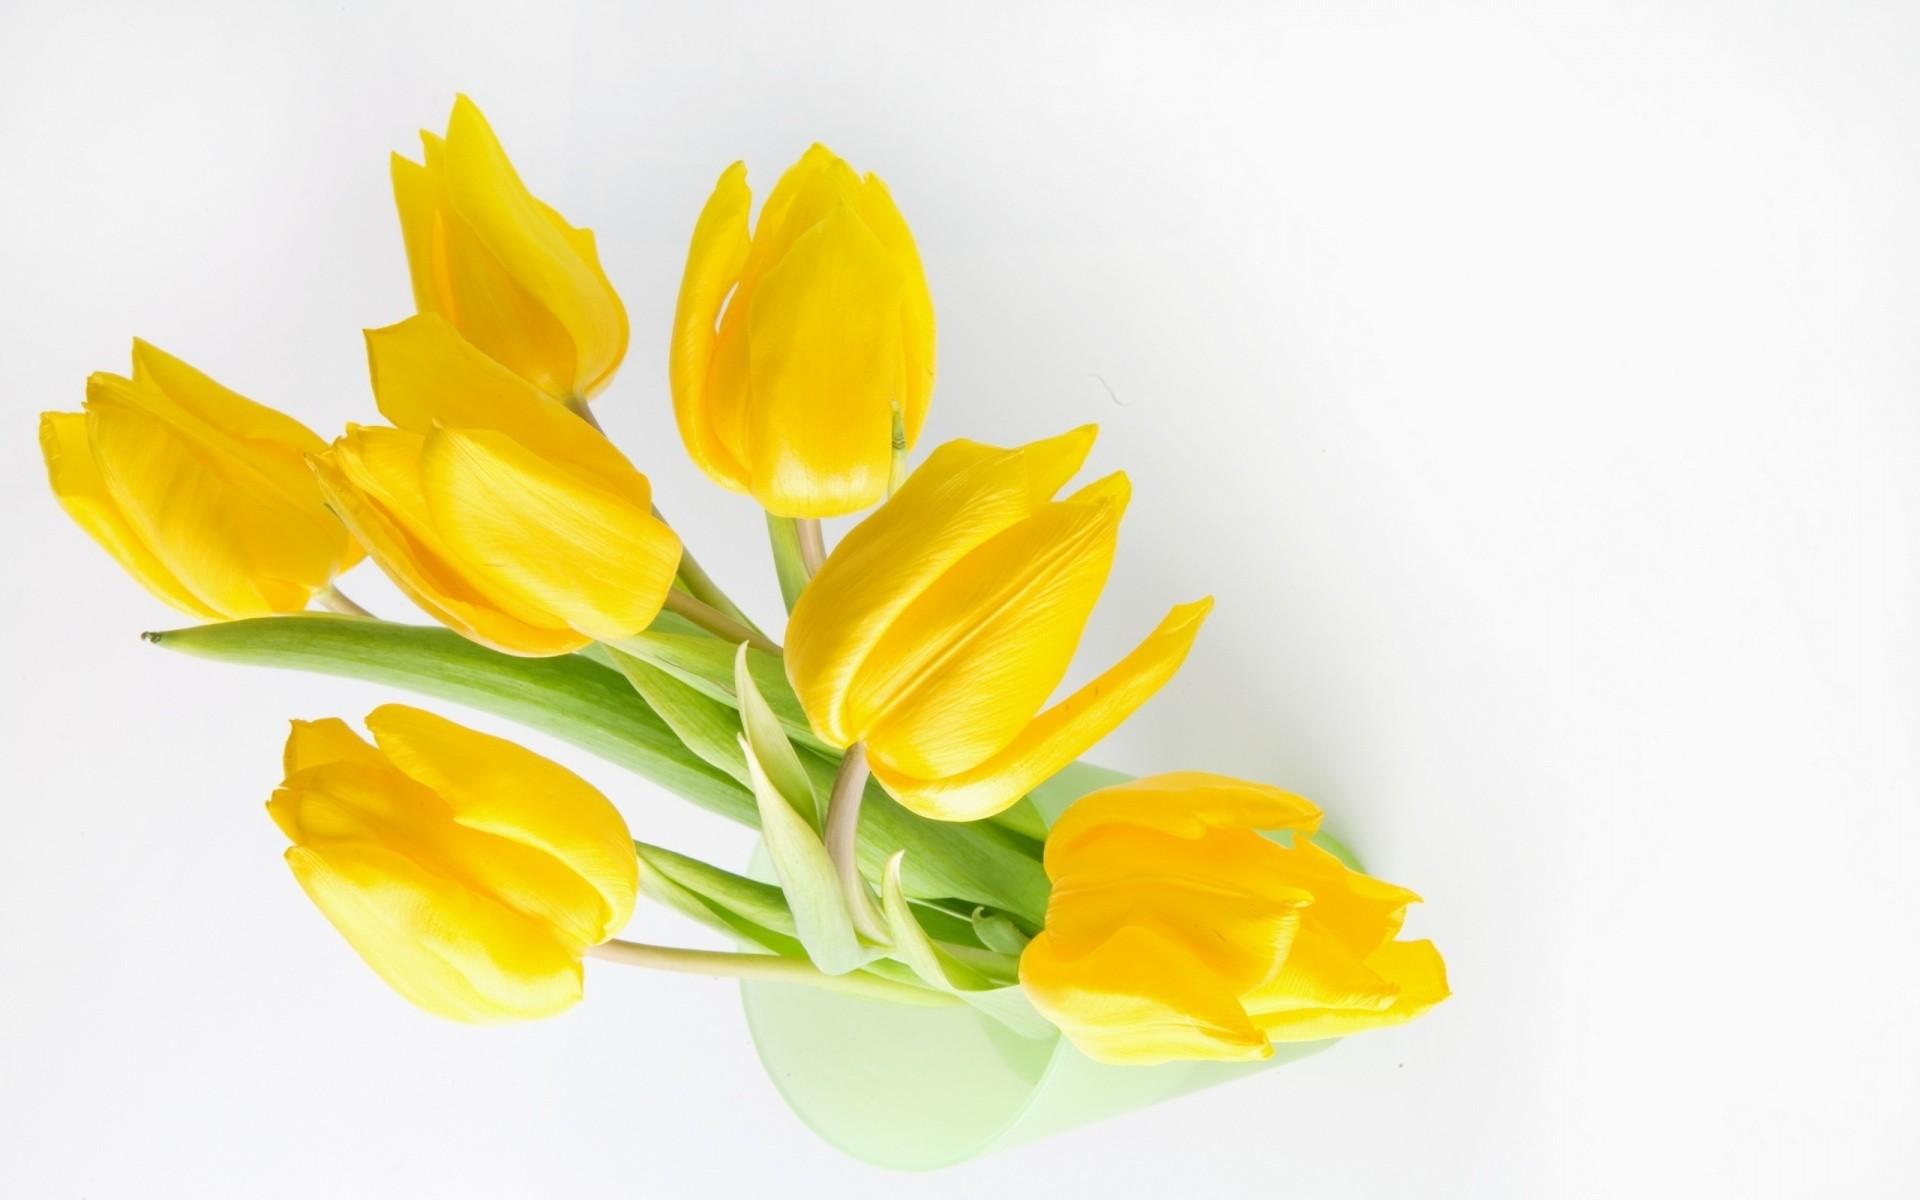 Fondo blanco y flores amarillas - 1920x1200